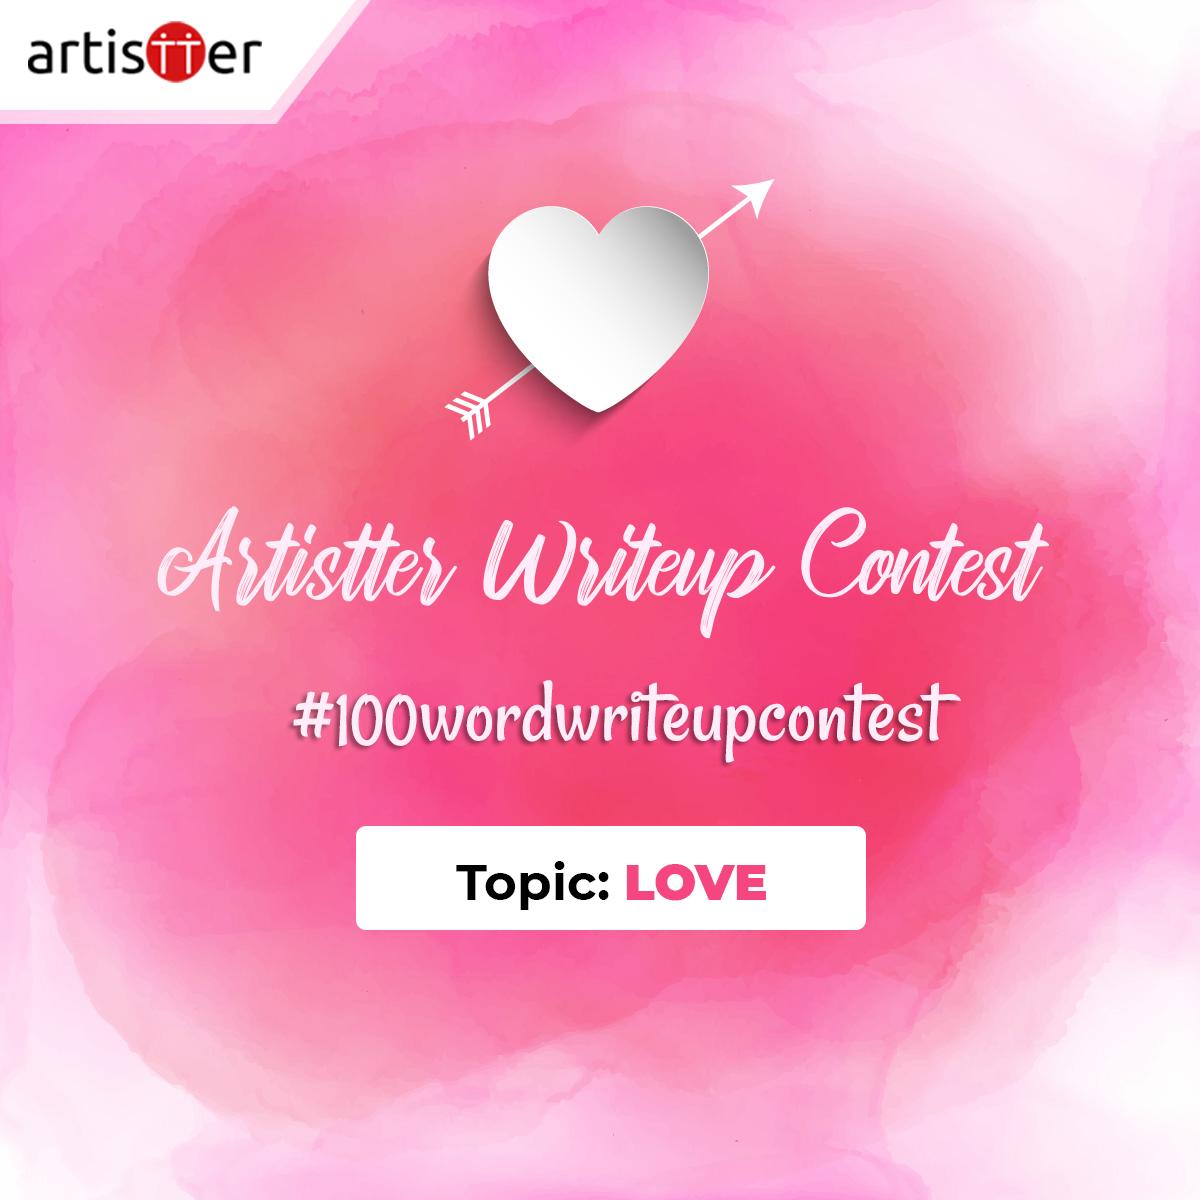 Artistter Write Up Contest